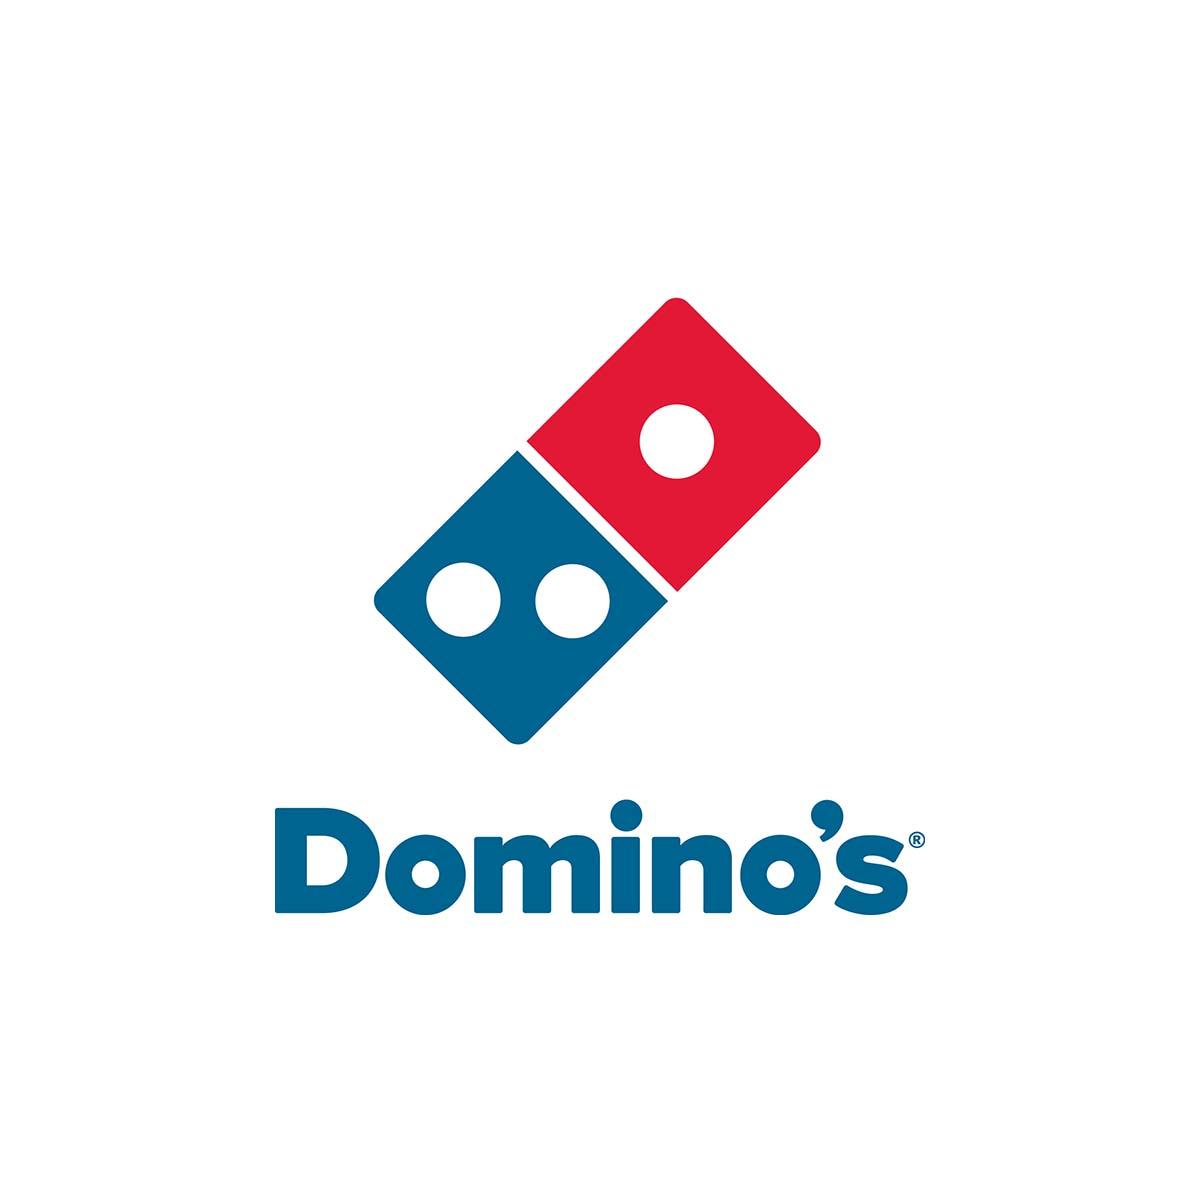 domino's team member login